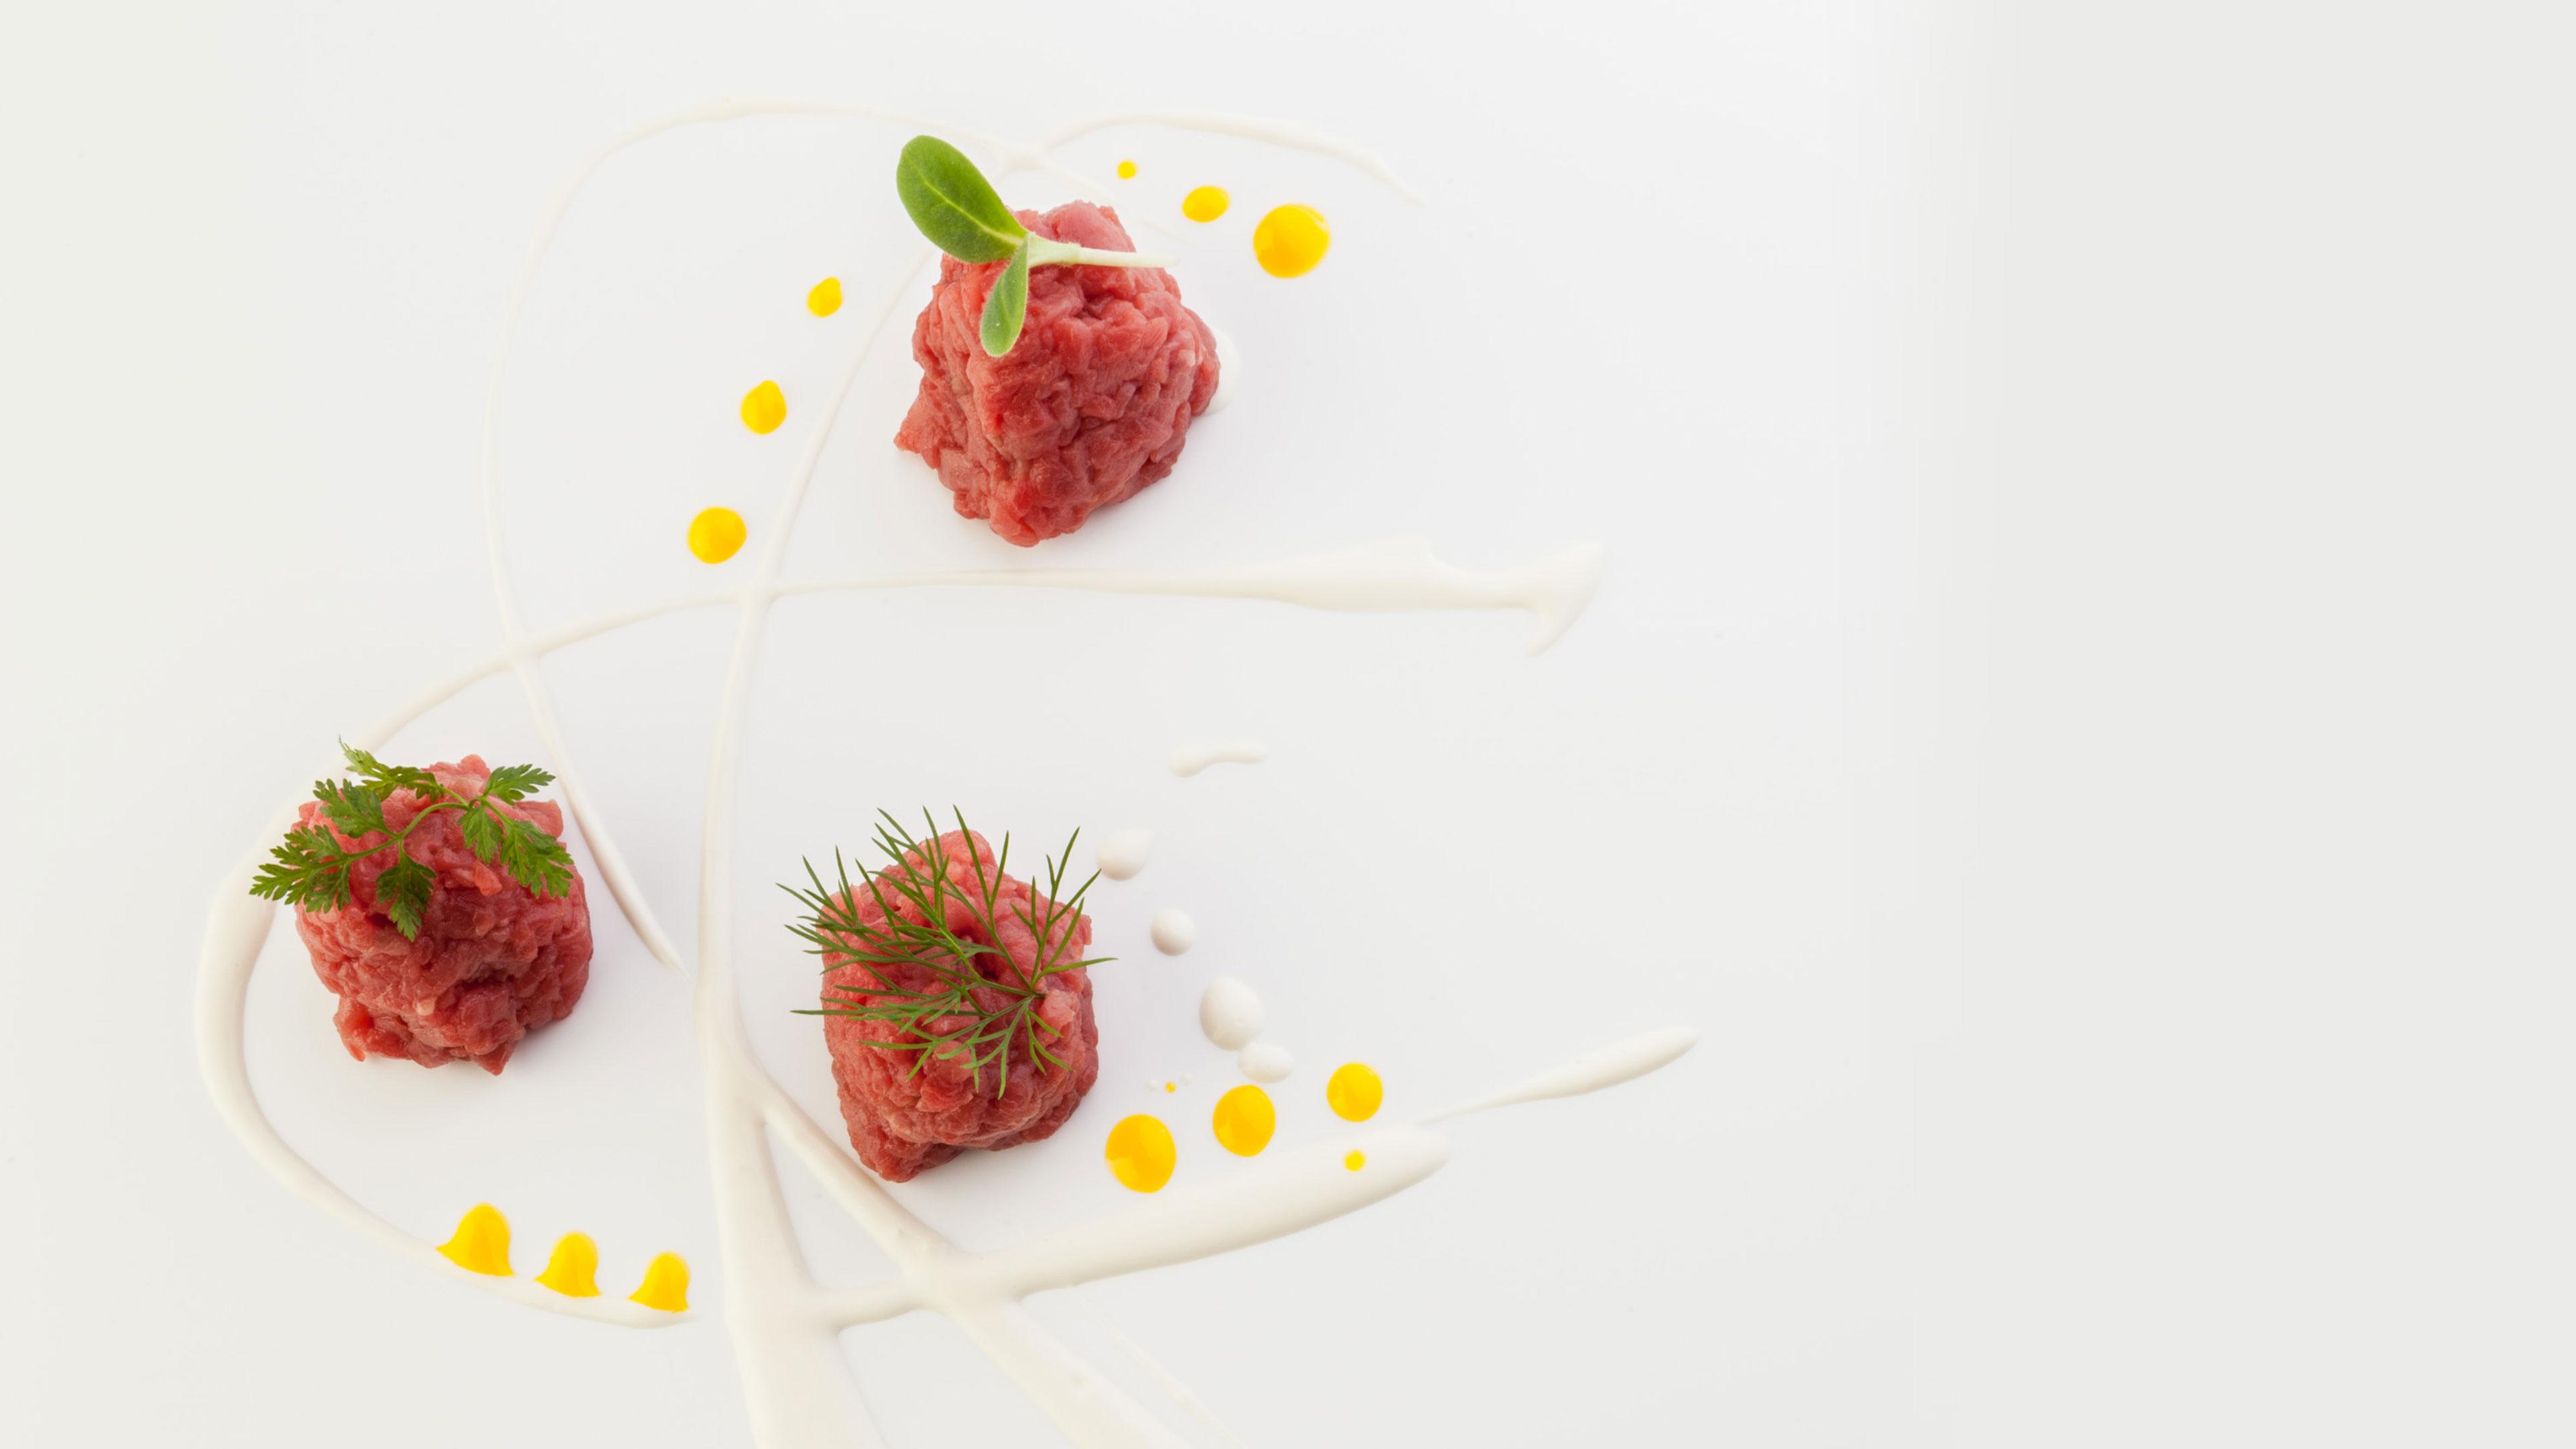 Ricetta Carne cruda di Antonino Cannavacciuolo